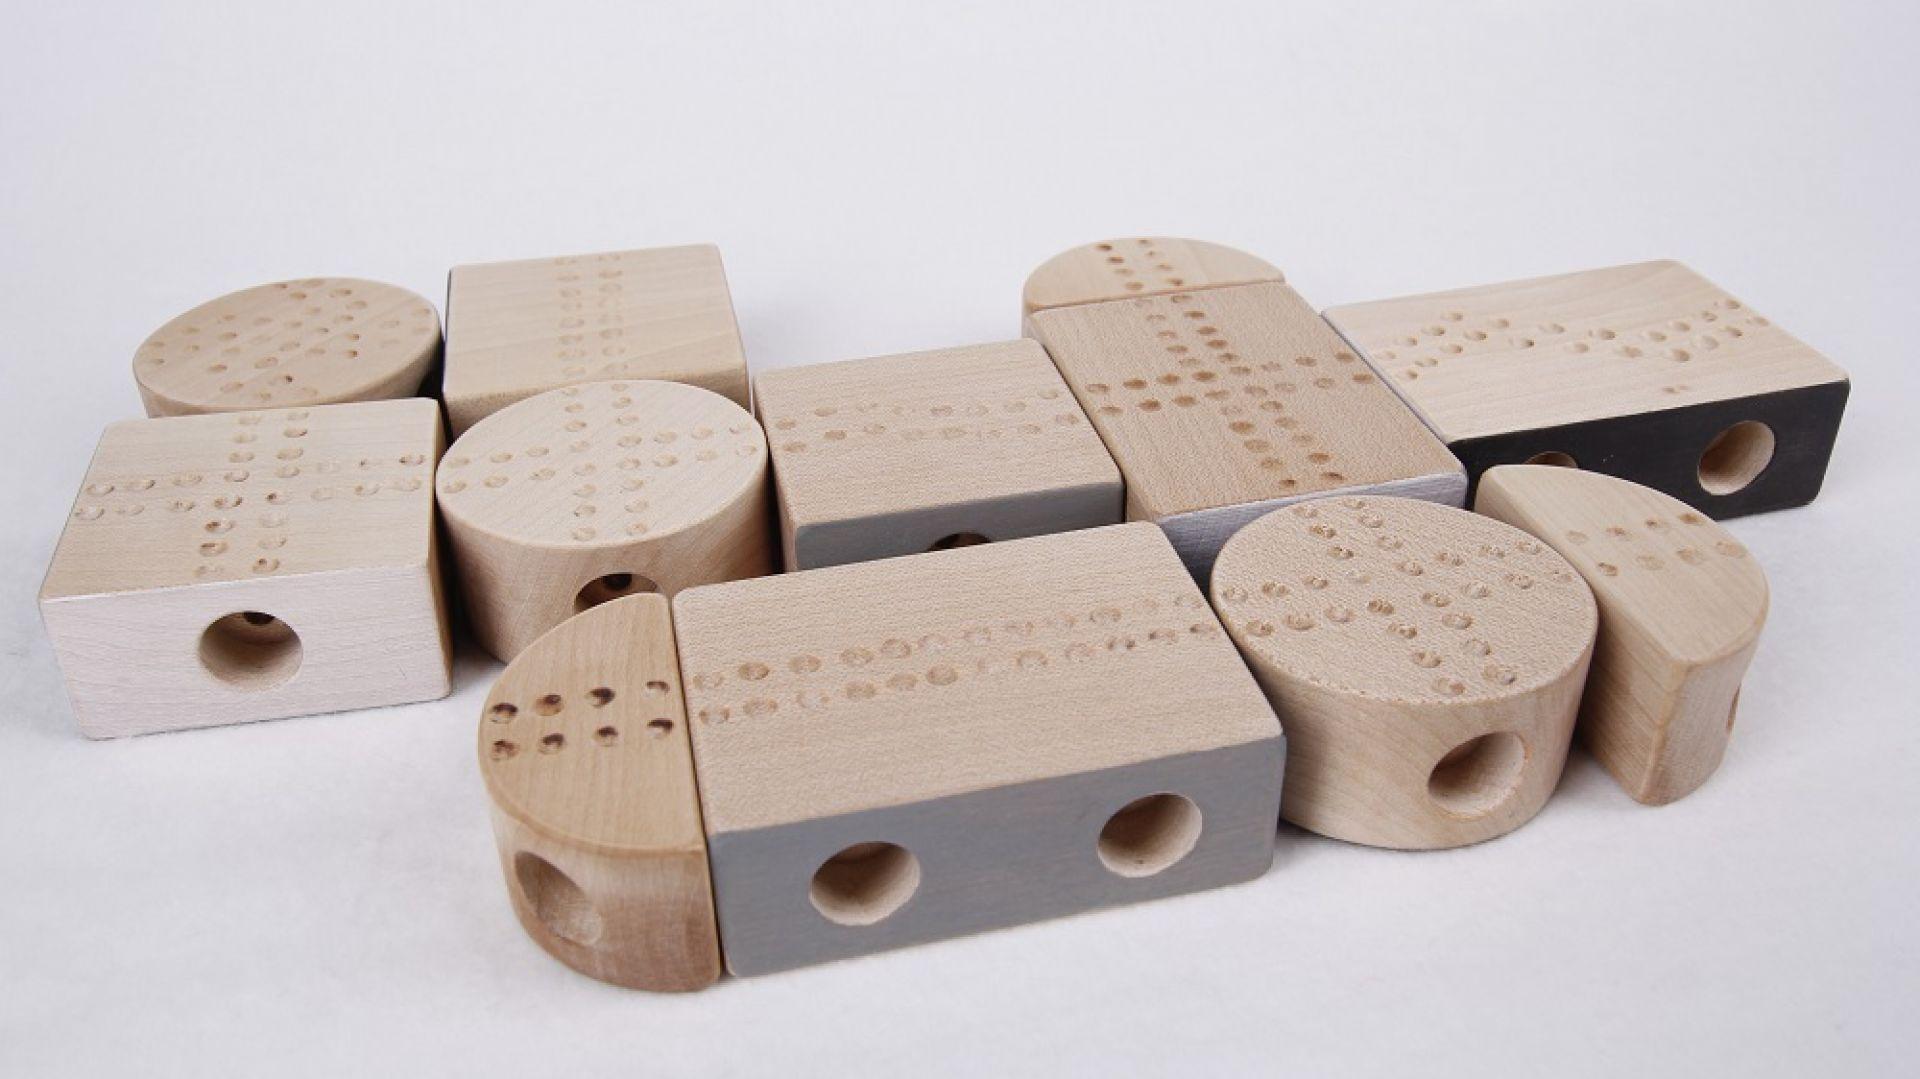 Klocki sensoryczne HAPTI, które zaprojektowała Zuzanna Grausch. Fot. School of Form